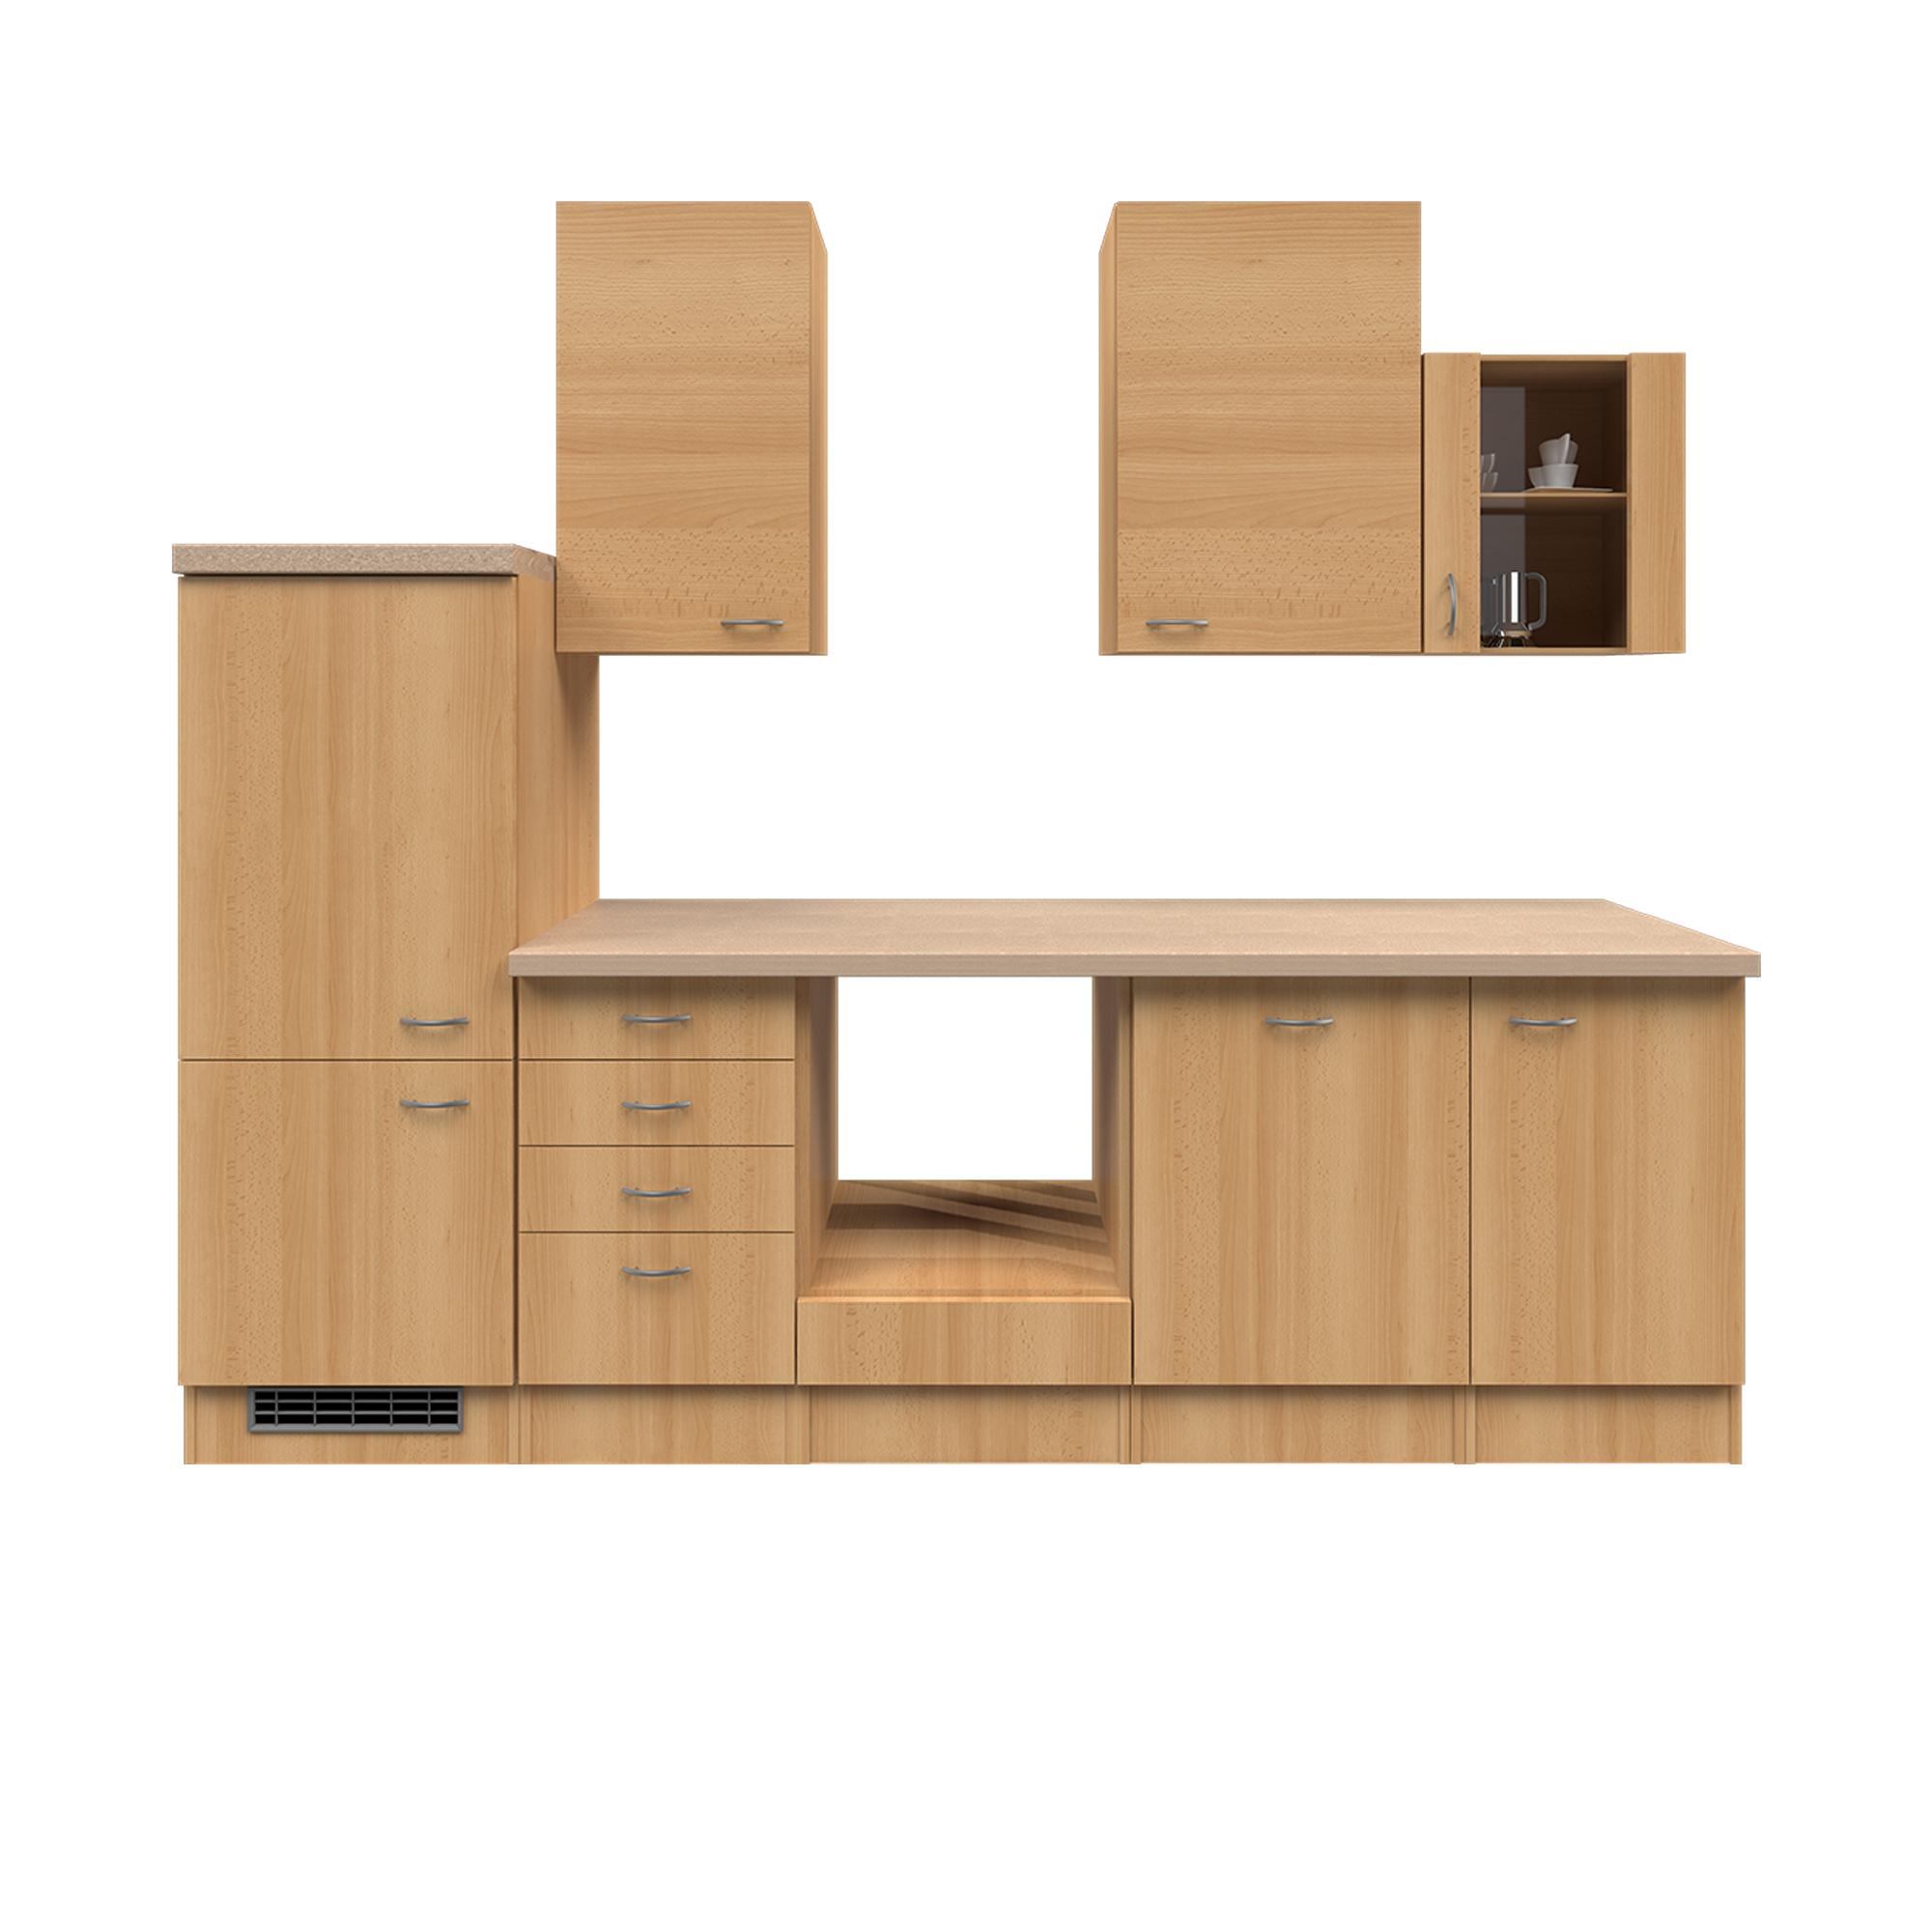 k chenzeile nano leerblock mit midi umbauschrank breite 280 cm buche k che k chenzeilen. Black Bedroom Furniture Sets. Home Design Ideas